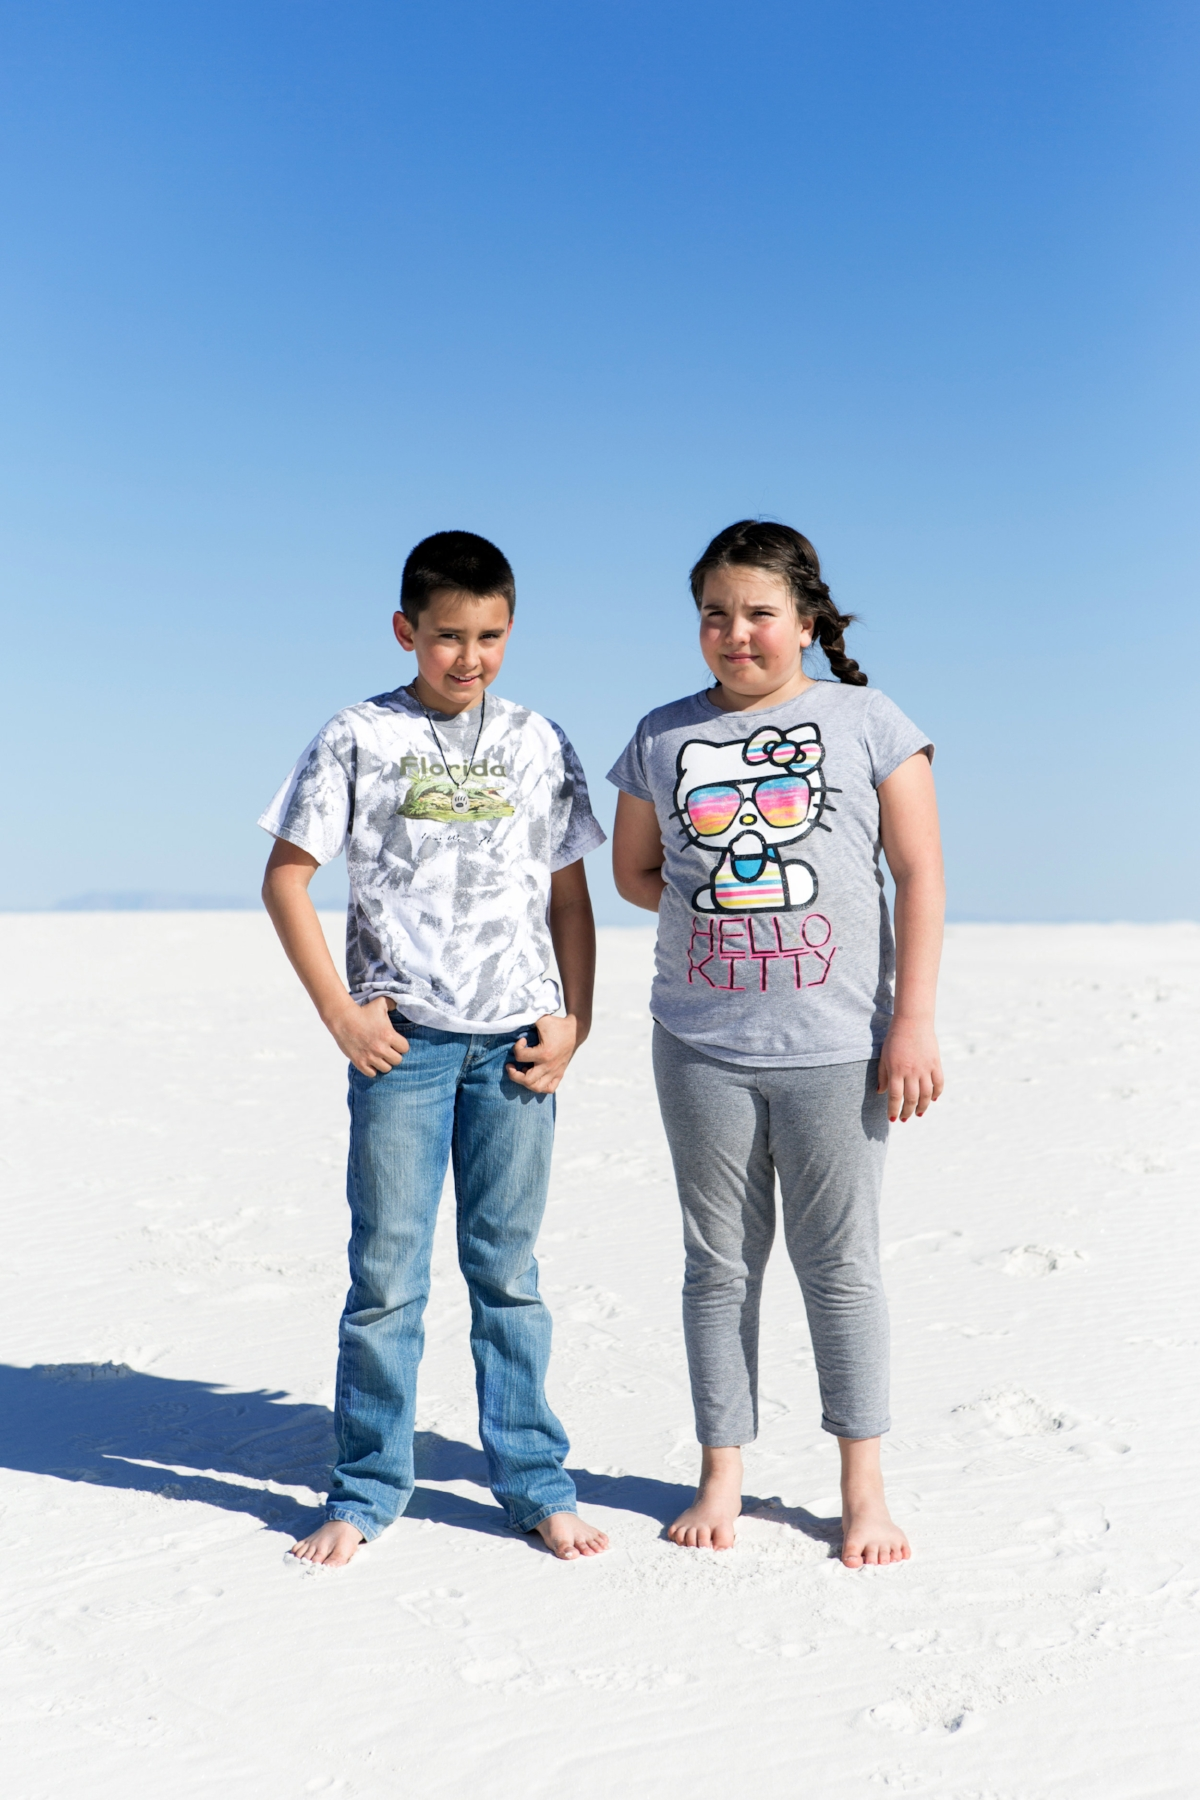 Eva Deitch | And the desert called | evadeitch.com